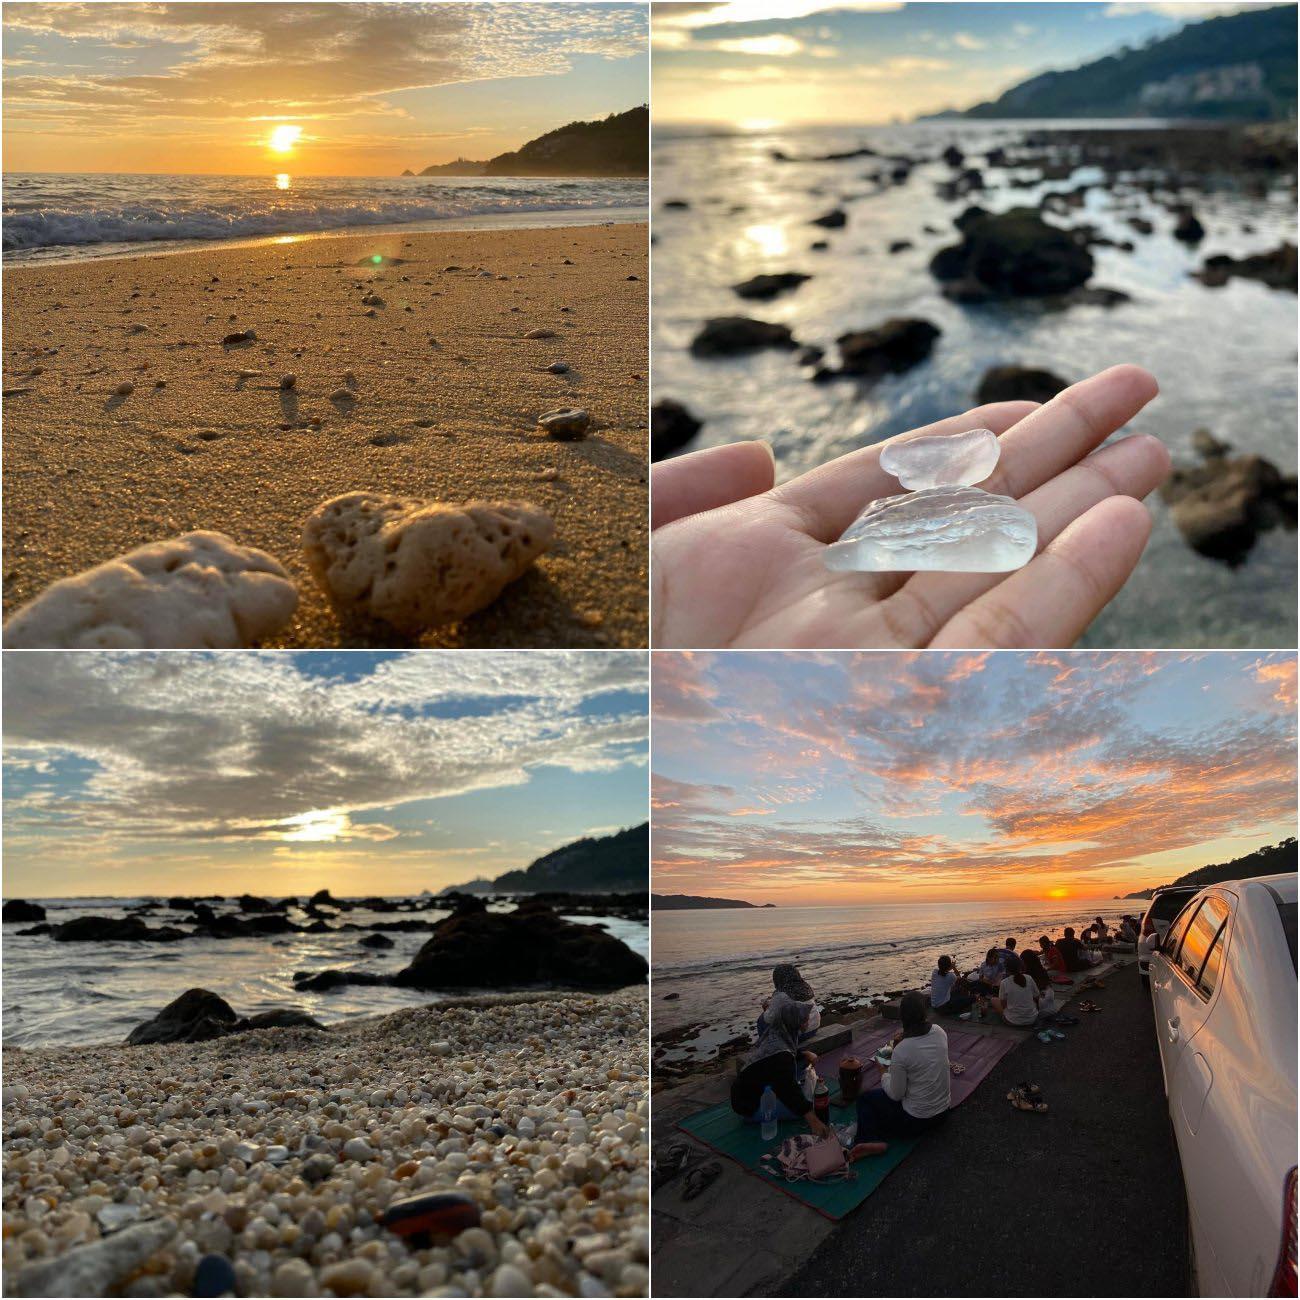 หาดกะหลิม ภูเก็ต หาดเล็กๆ ที่มีหาดทรายสลับกับโขดหิน พลาดไม่ได้แล้วพกกล้องไปเก็บภาพกันเลย